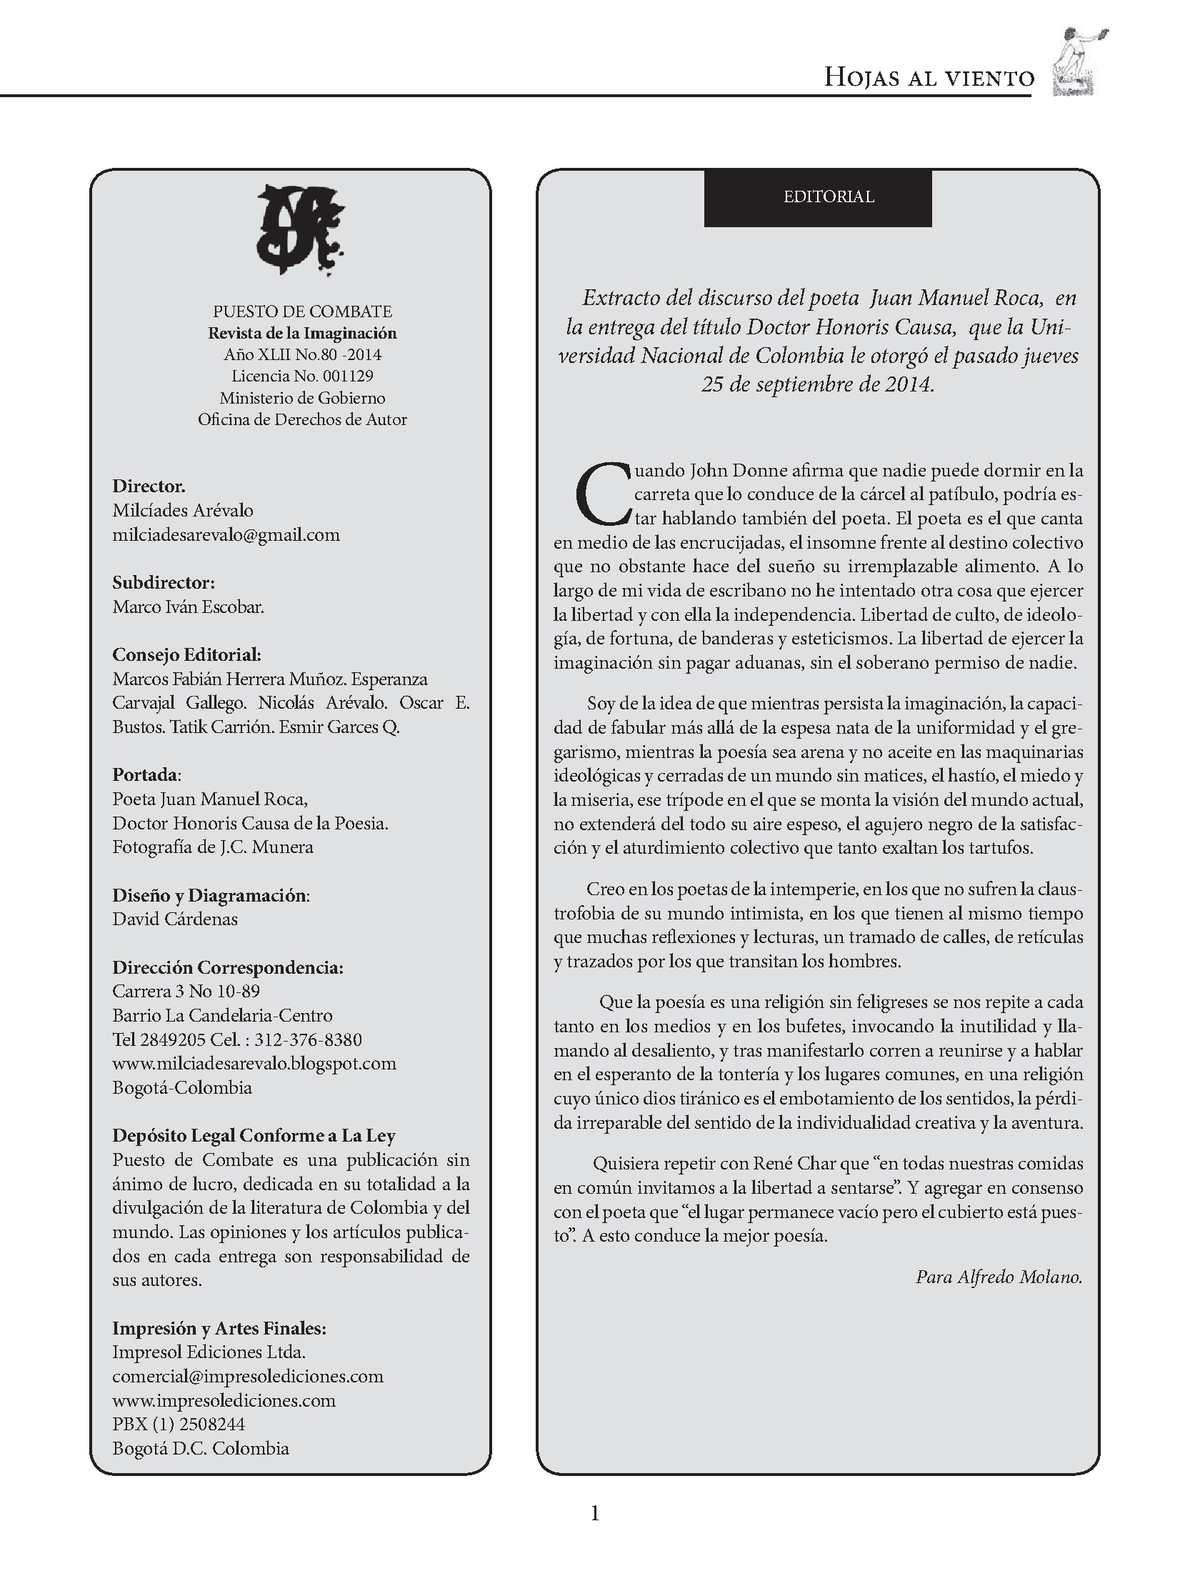 Calaméo - Puesto De Combate No. 80. Revista. Octubre 2014